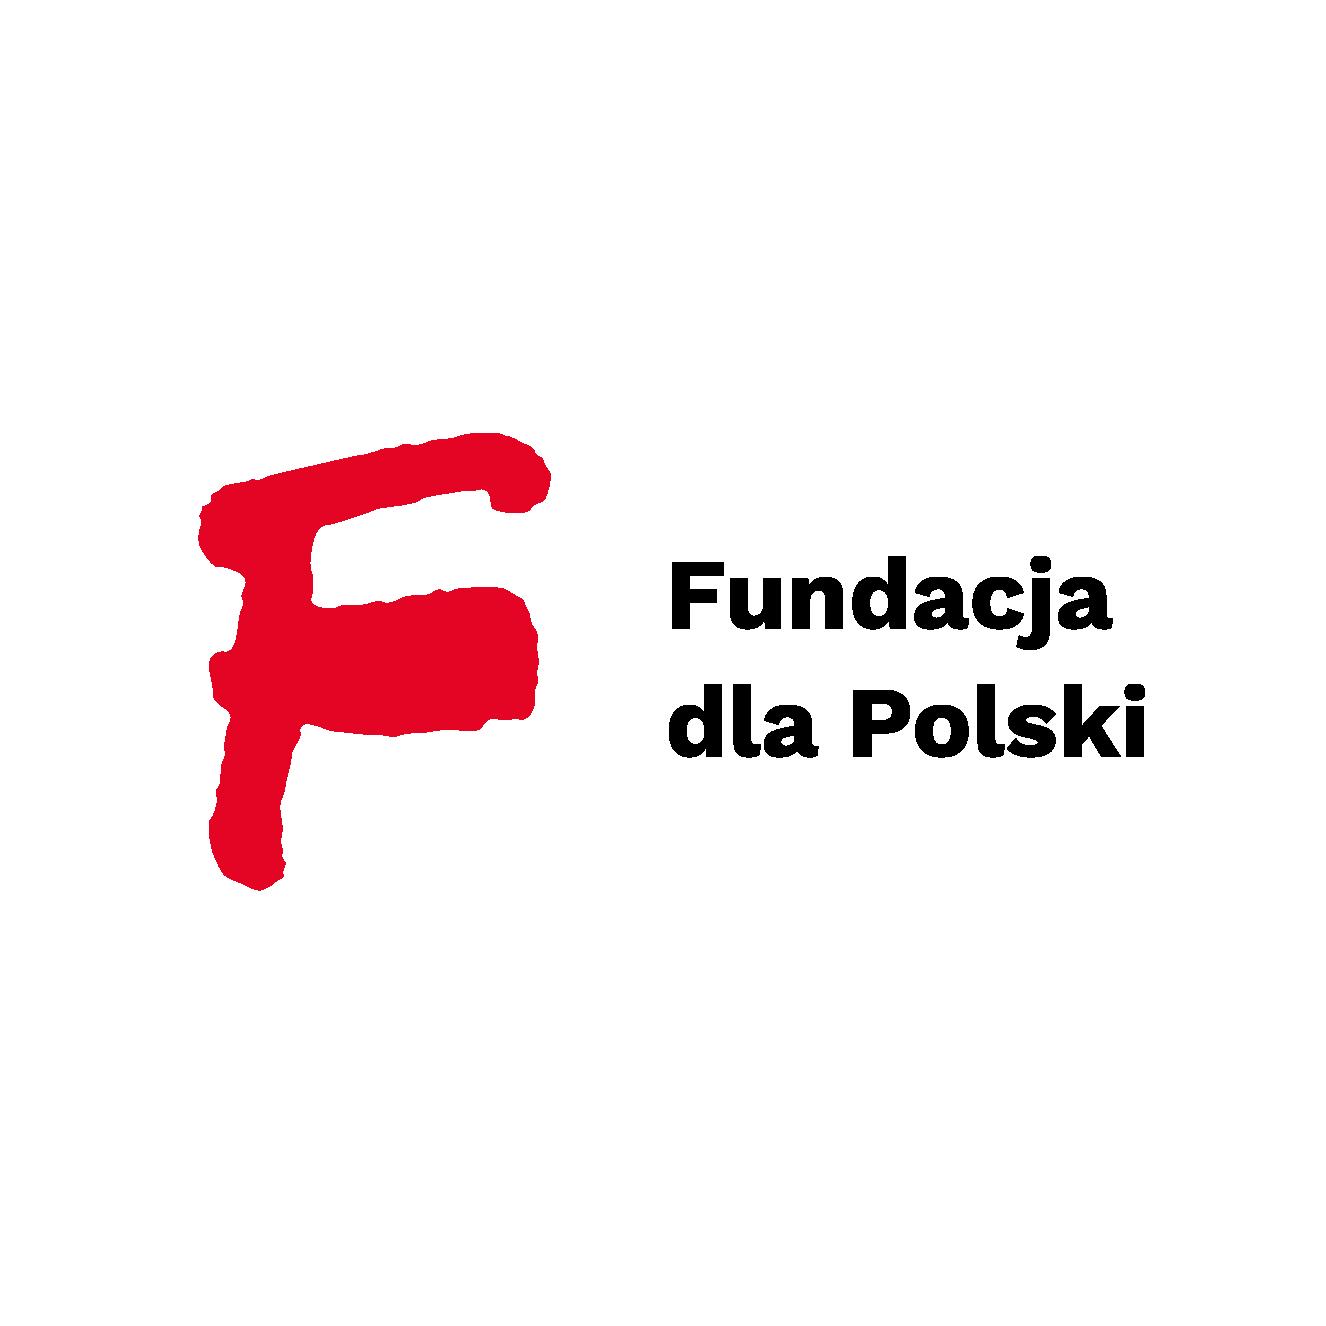 Fundacja dla Polski